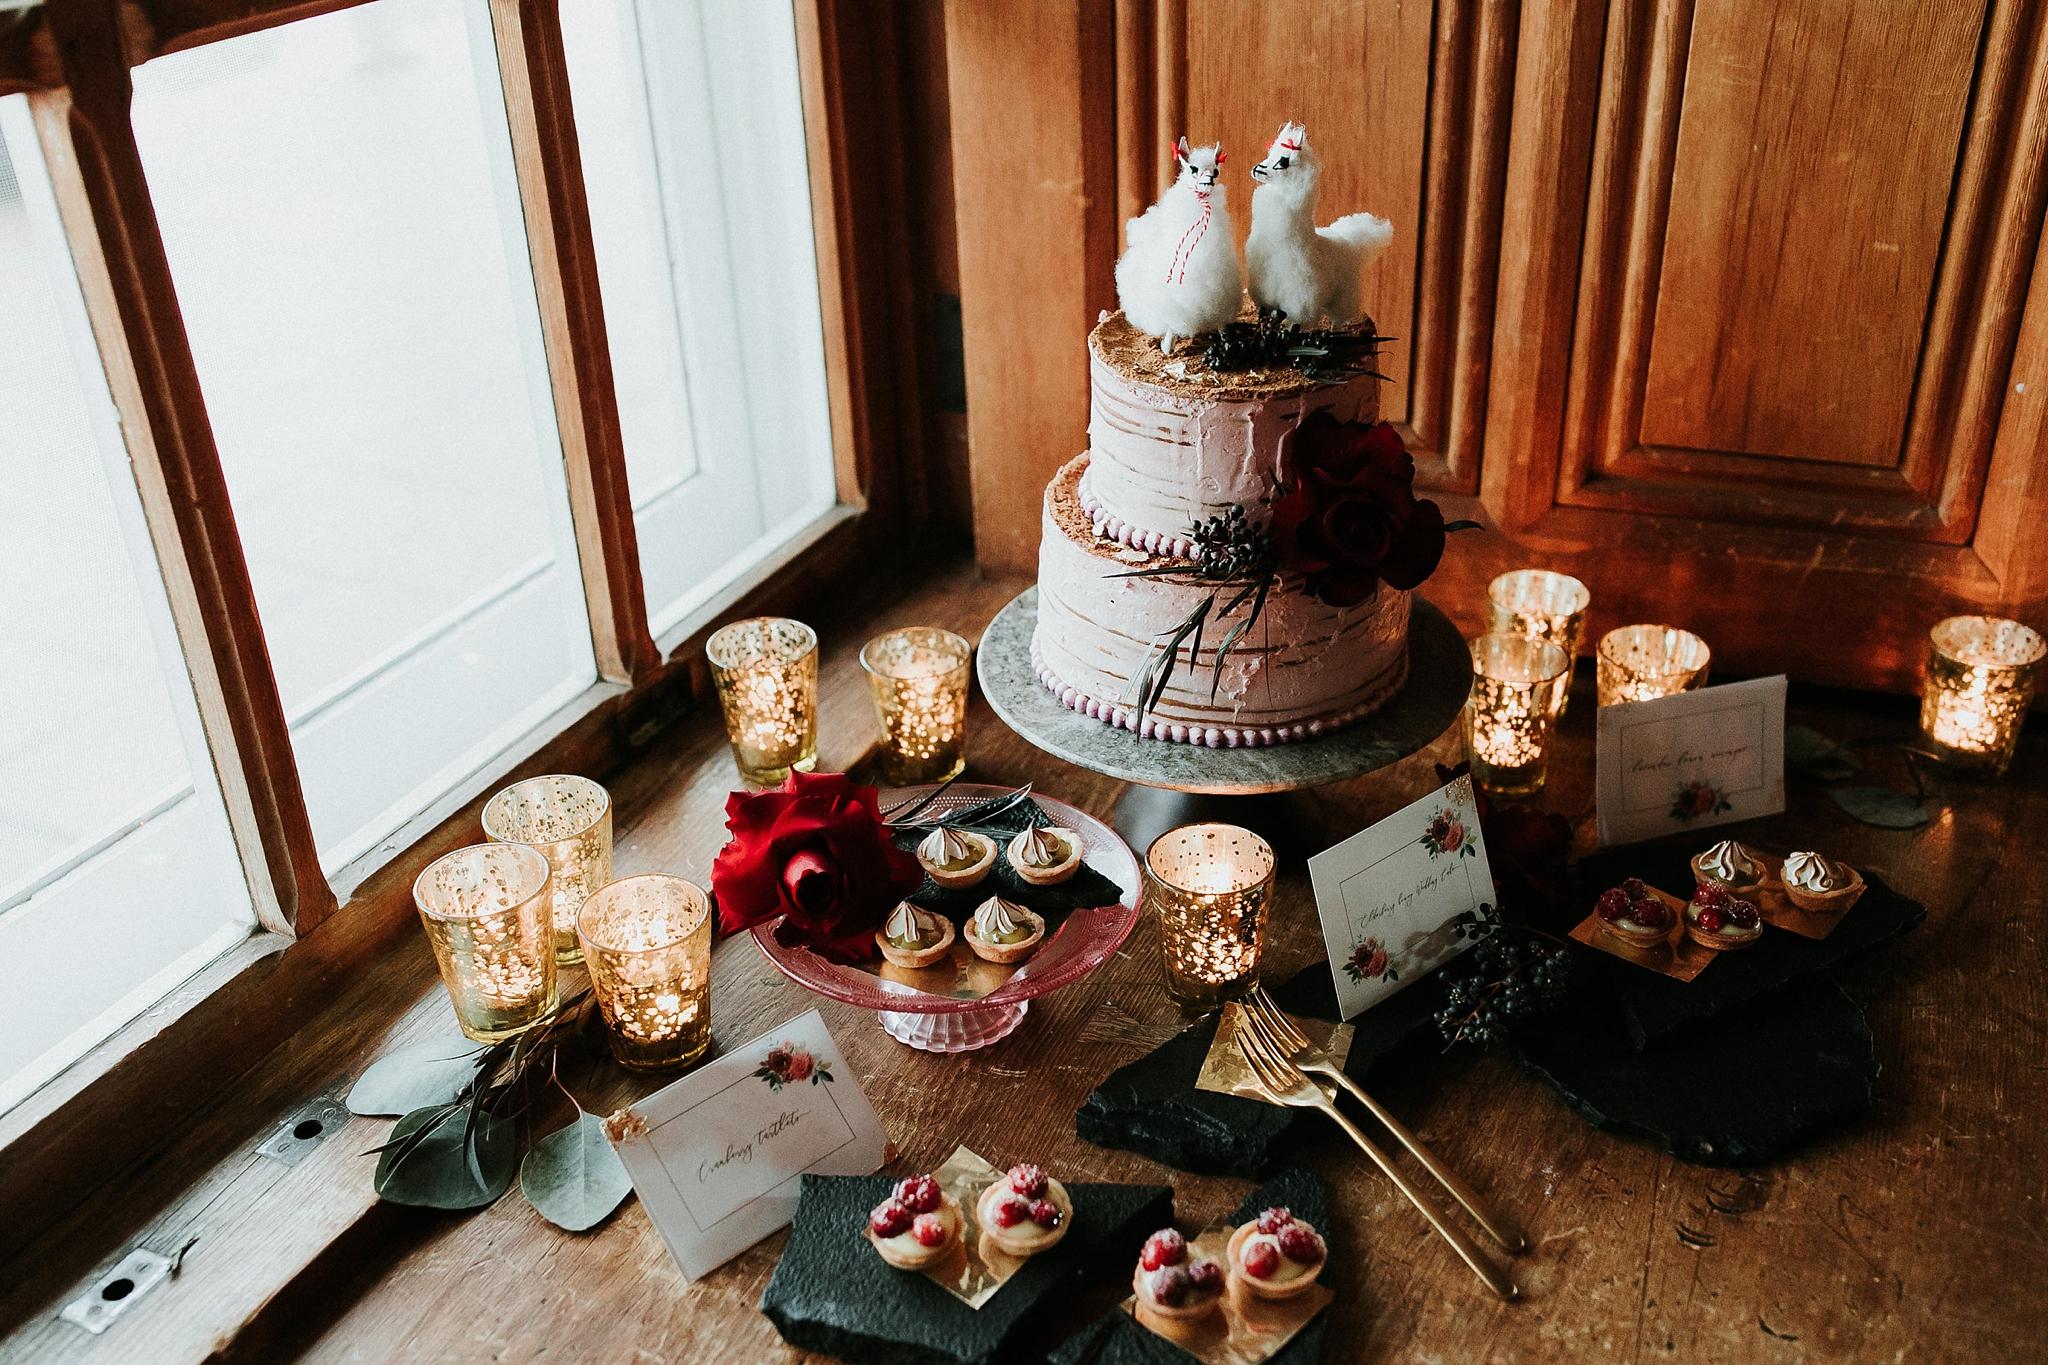 Alicia+lucia+photography+-+albuquerque+wedding+photographer+-+santa+fe+wedding+photography+-+new+mexico+wedding+photographer+-+new+mexico+wedding+-+new+mexico+wedding+-+wedding+planner+-+wedding+rentals+-+new+mexico+wedding+vendor_0029.jpg